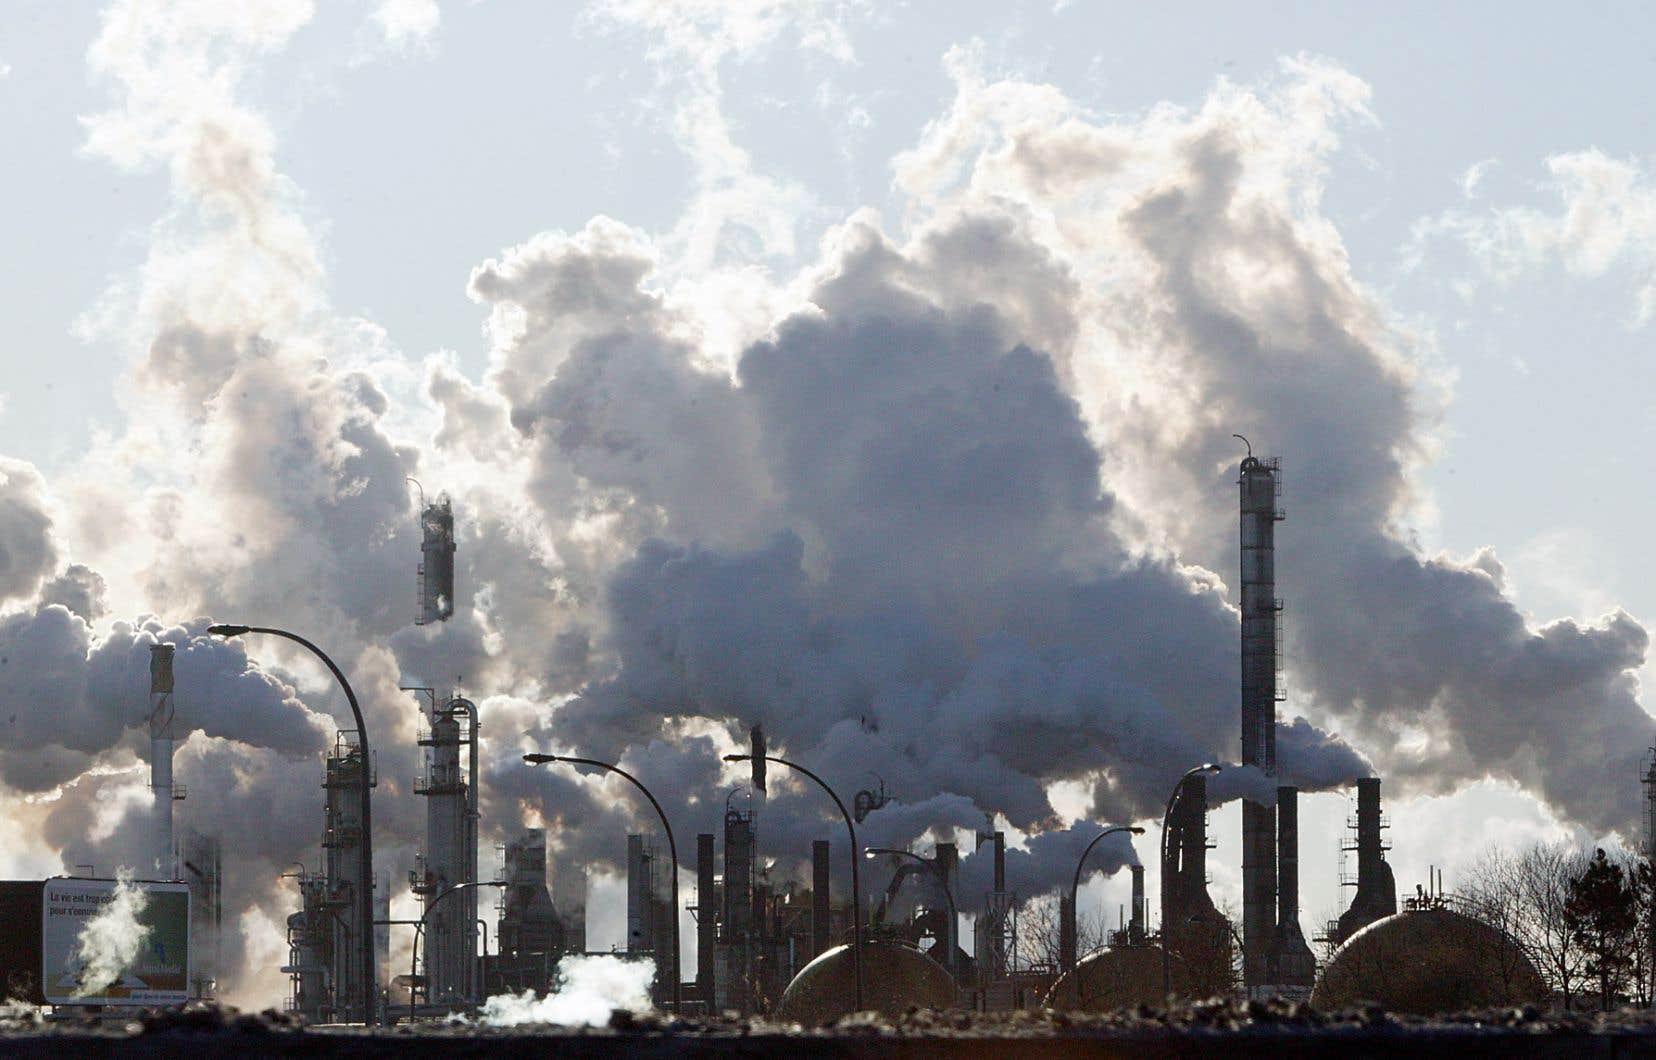 Les émissions de GES du pétrole, du gaz naturel et du charbon devraient augmenter de 0,6% en 2019, pour atteindre un total de 37 milliards de tonnes.